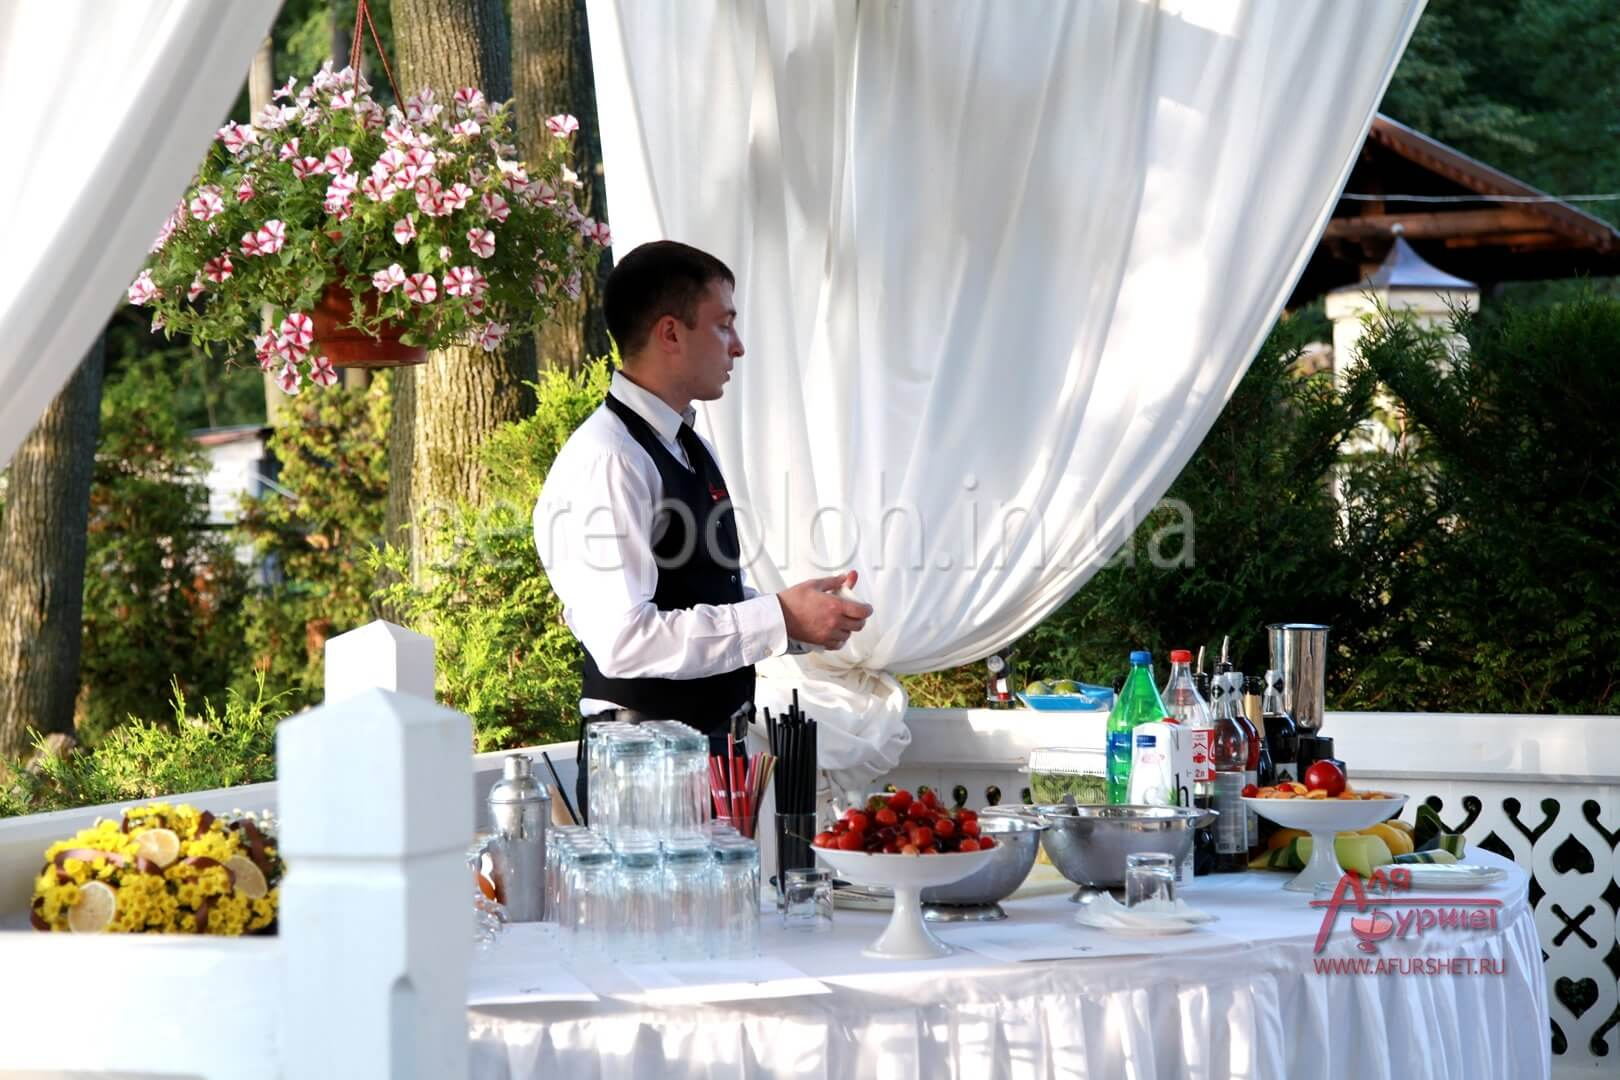 кейтеринг в Одессе, как выбрать кейтеринговую компанию в Одессе, выездные обеды в Одессе, обеды в офис в одессе, заказать кейтеринг в Одессе